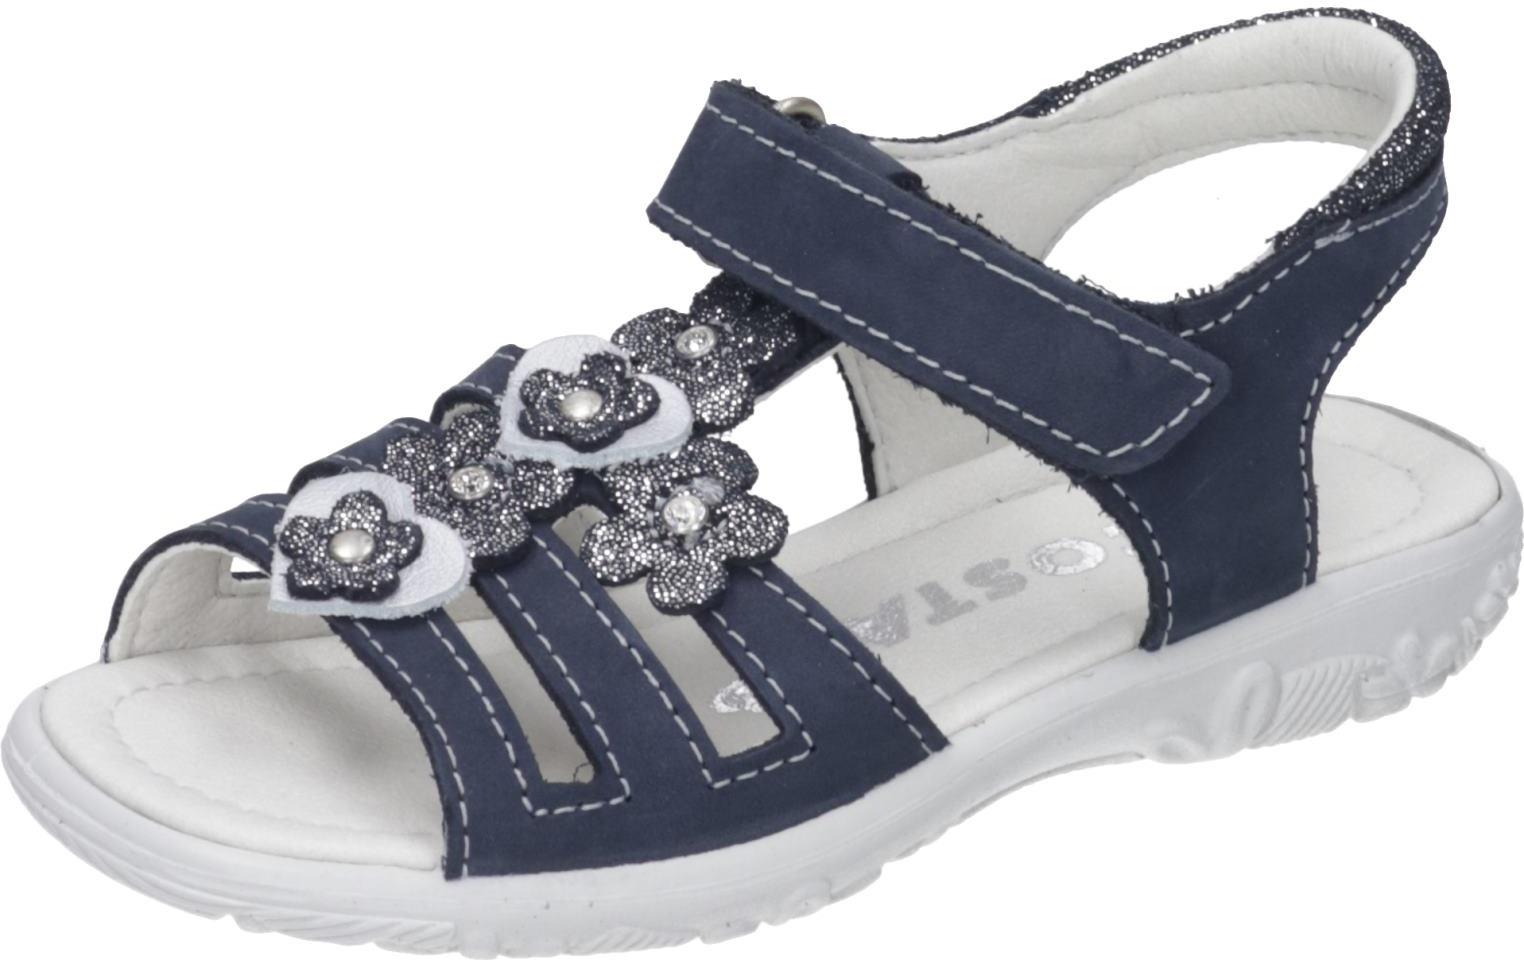 Ricosta Kinder Mädchen Schuhe Mädchen Sandale M blau